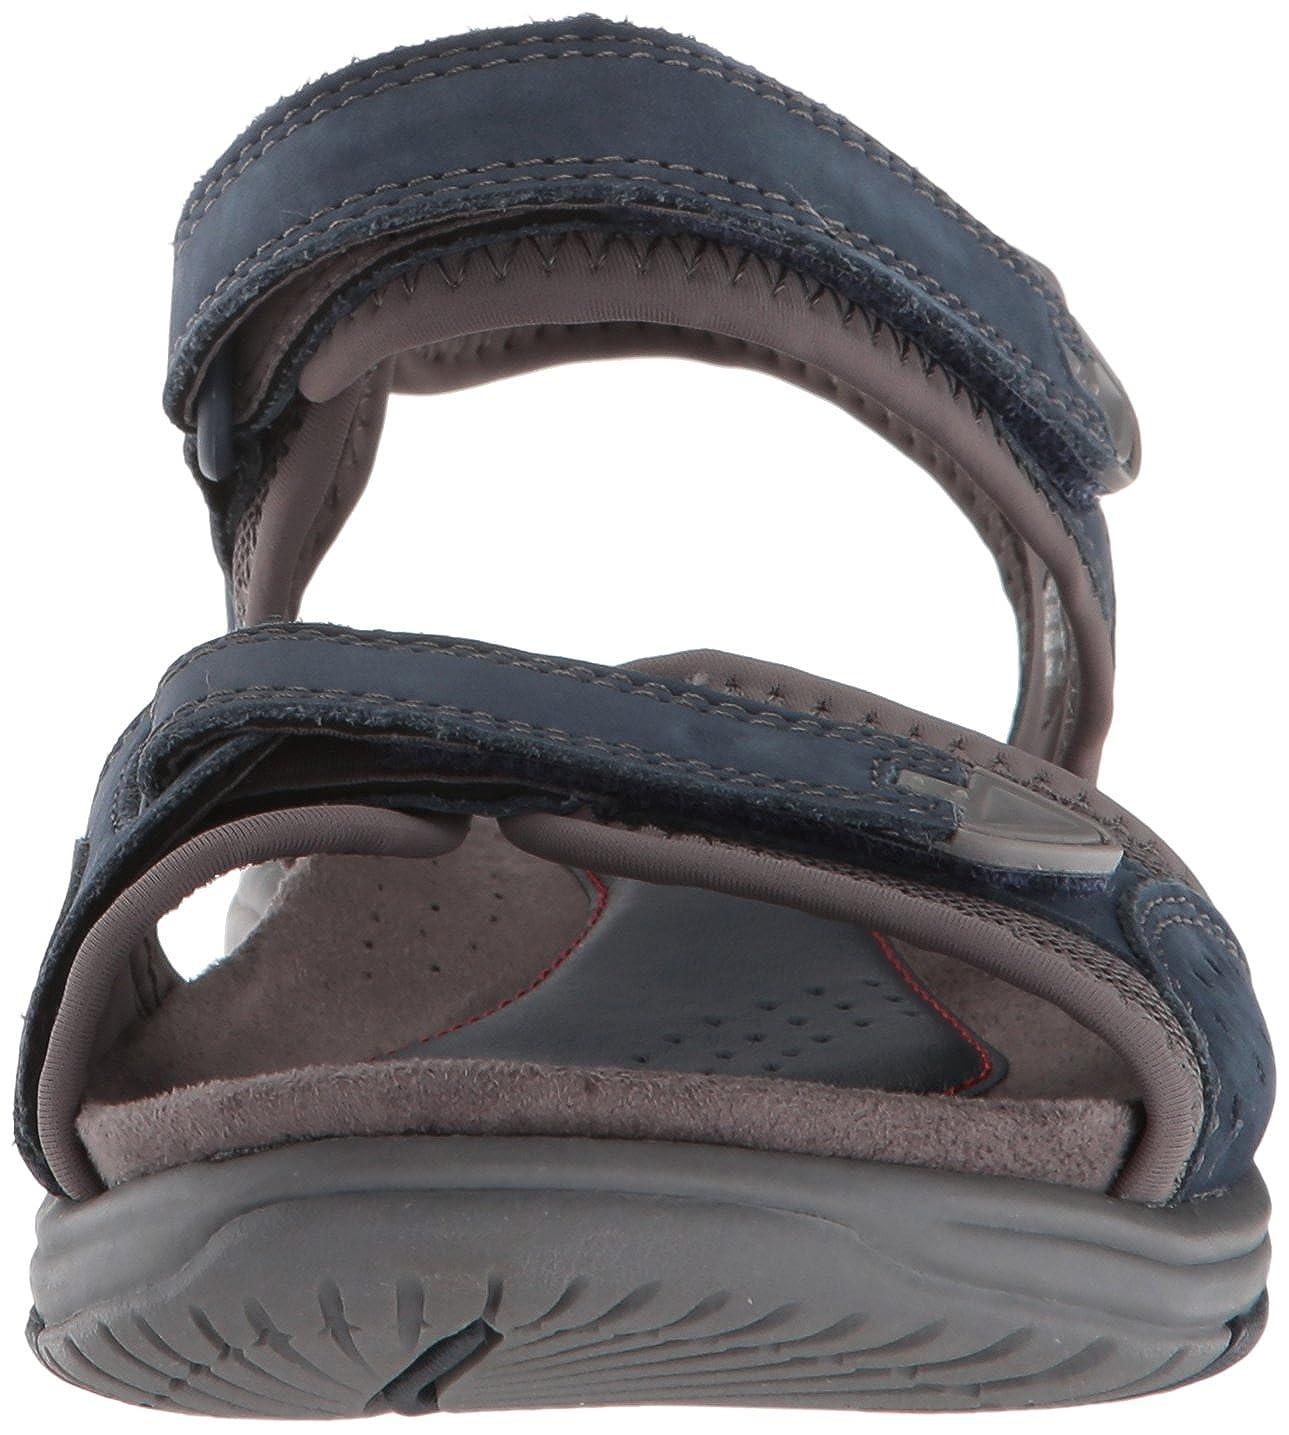 Rockport - Franklin Schuhe Three Strap Schuhe Franklin für Damen 7fec53